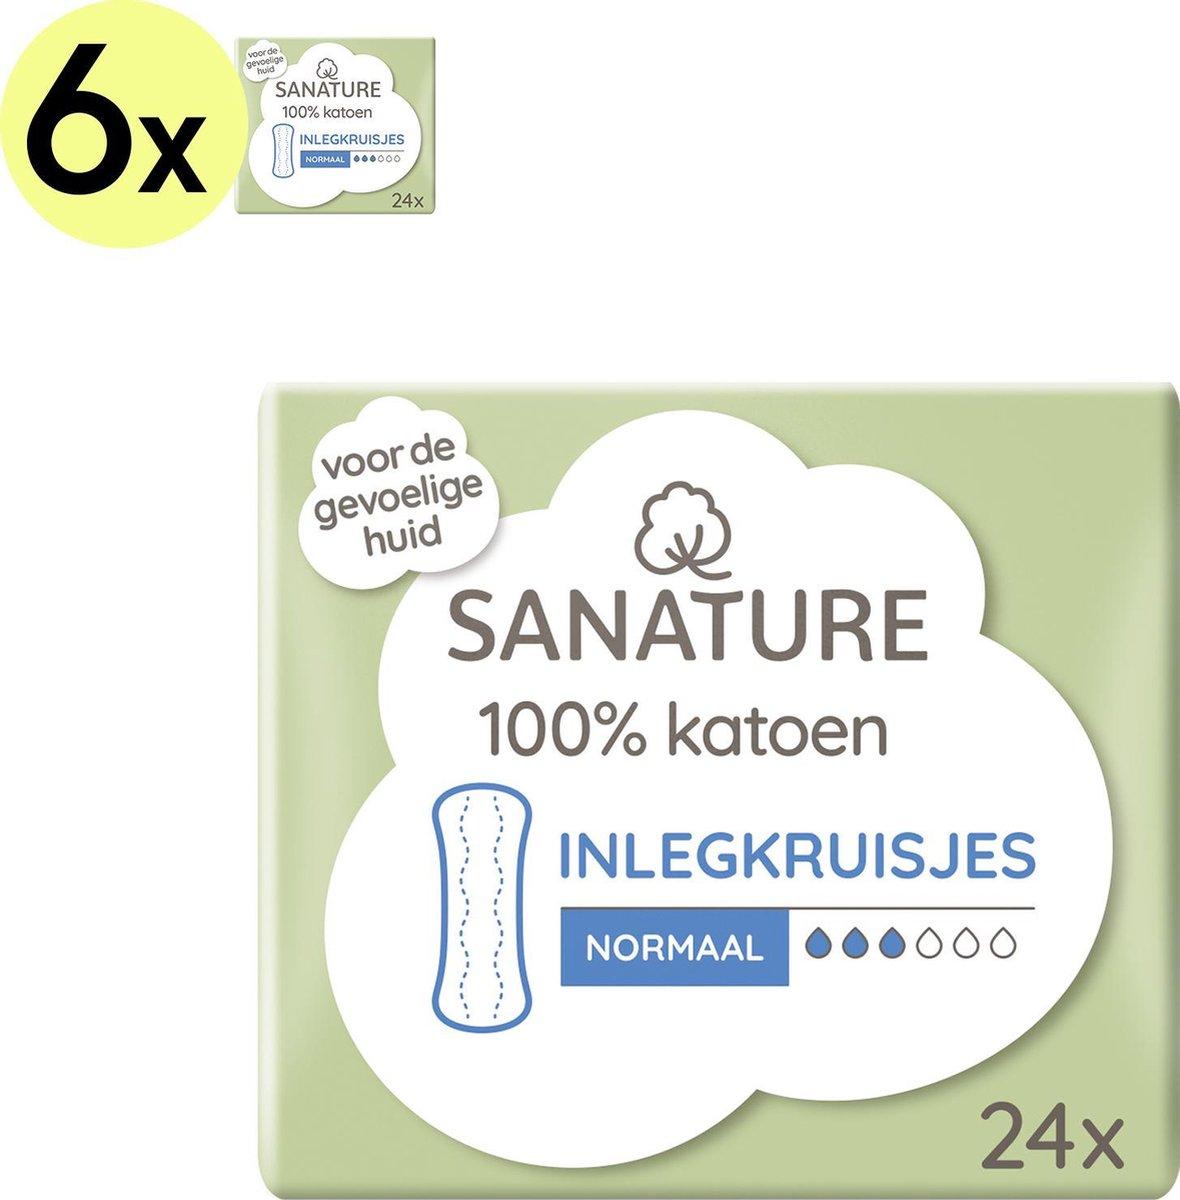 Sanature 100% Katoenen Inlegkruisjes Normaal 6 x 24 stuks